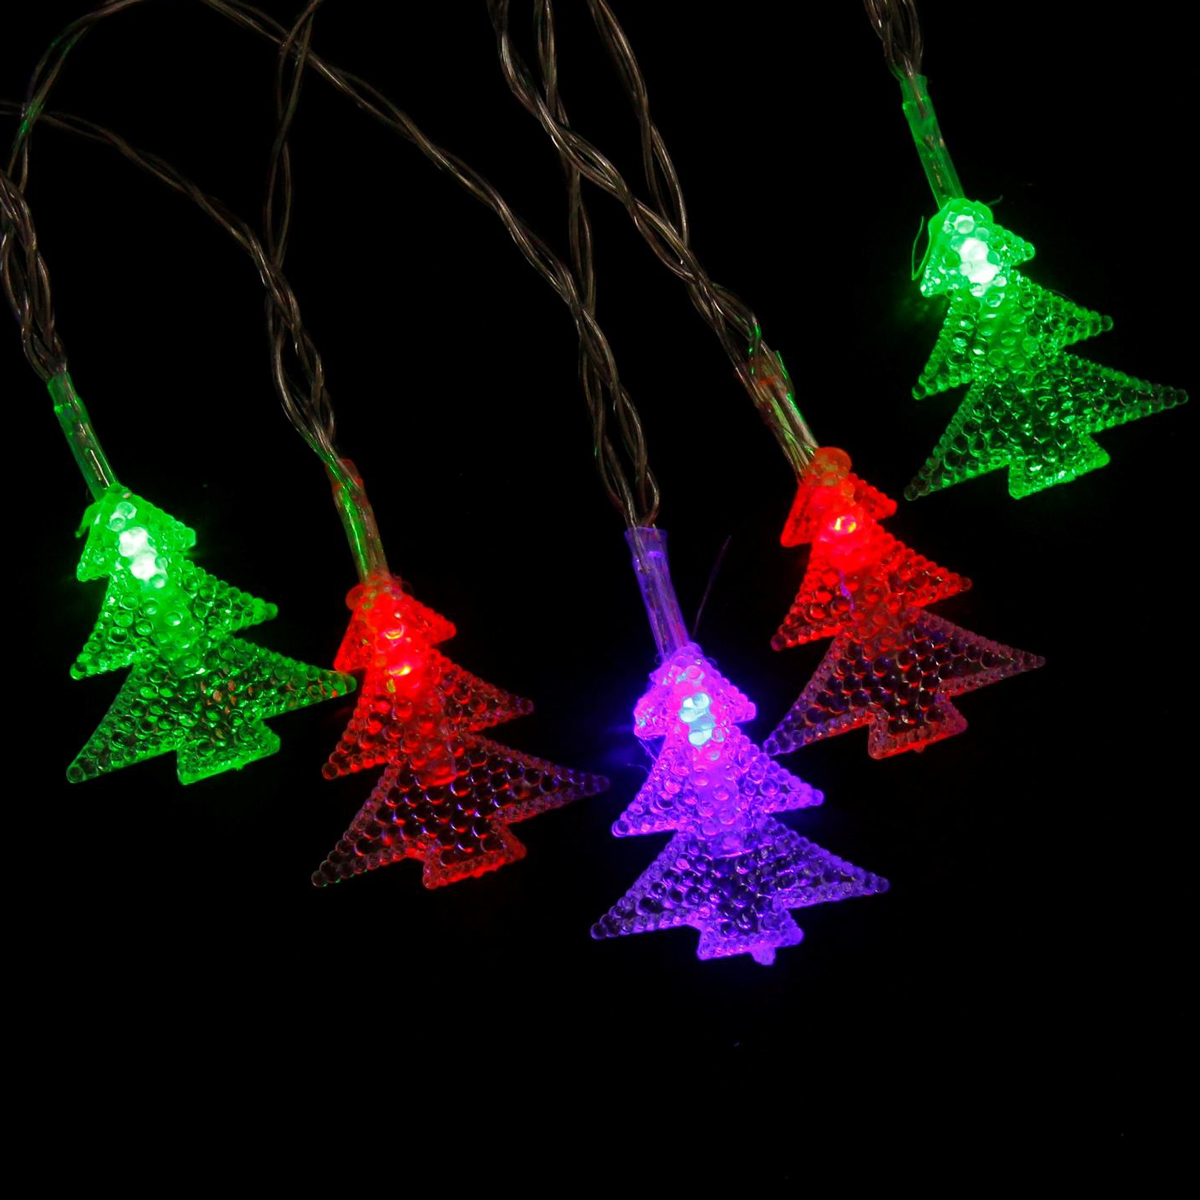 Гирлянда светодиодная Luazon Метраж. Елки, 20 ламп, 5 V, длина 3 м806830Светодиодные гирлянды и ленты — это отличный вариант для новогоднего оформления интерьера или фасада. С их помощью помещение любого размера можно превратить в праздничный зал, а внешние элементы зданий, украшенные ими, мгновенно станут напоминать очертания сказочного дворца. Такие украшения создают ауру предвкушения чуда. Деревья, фасады, витрины, окна и арки будто специально созданы, чтобы вы украсили их светящимися нитями.